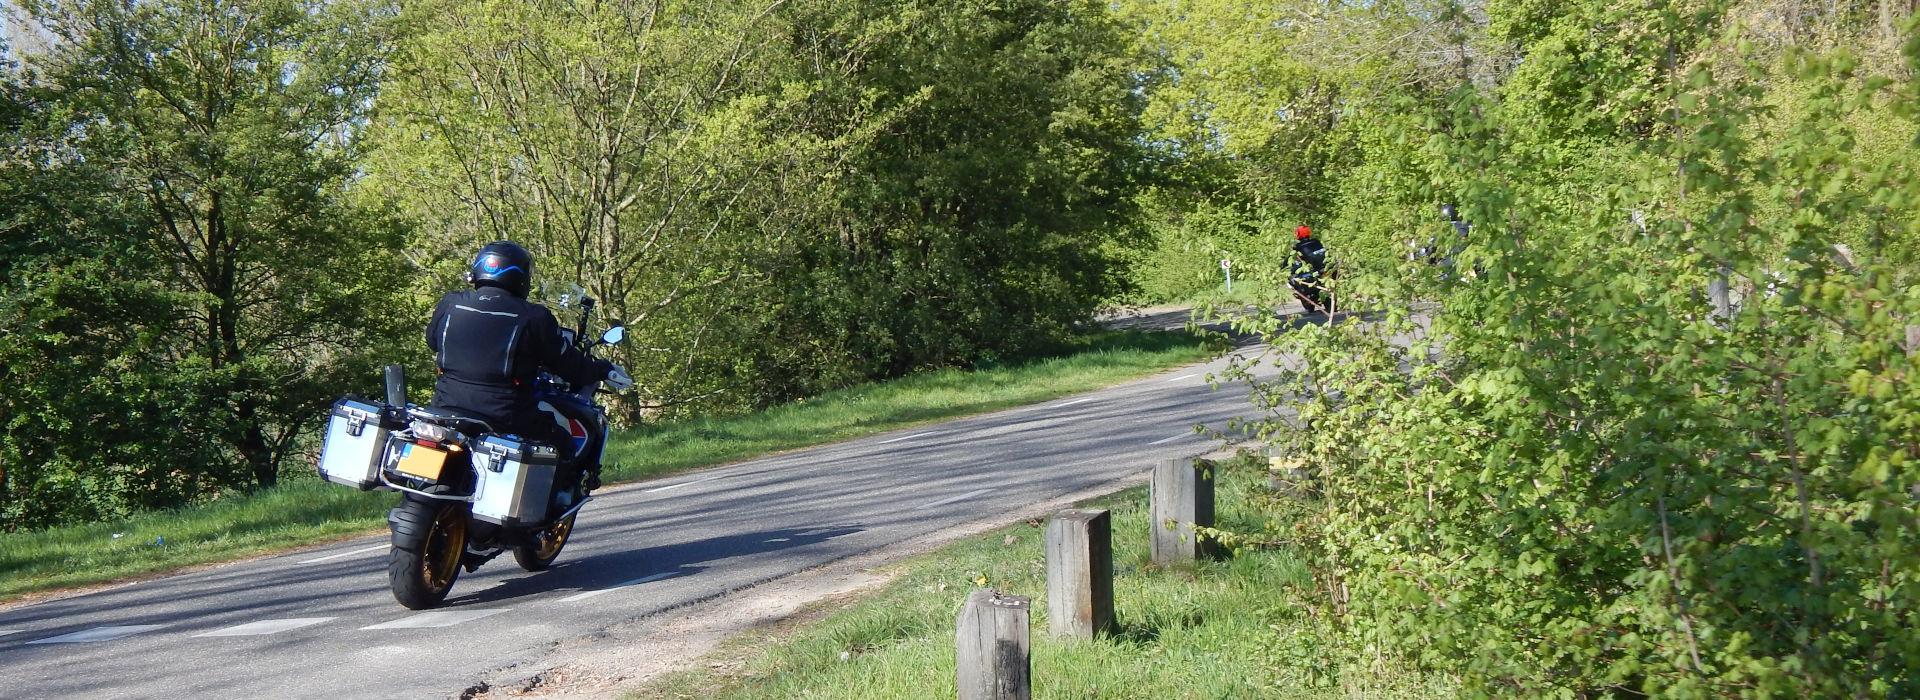 Motorrijbewijspoint Veghel snel motorrijbewijs halen